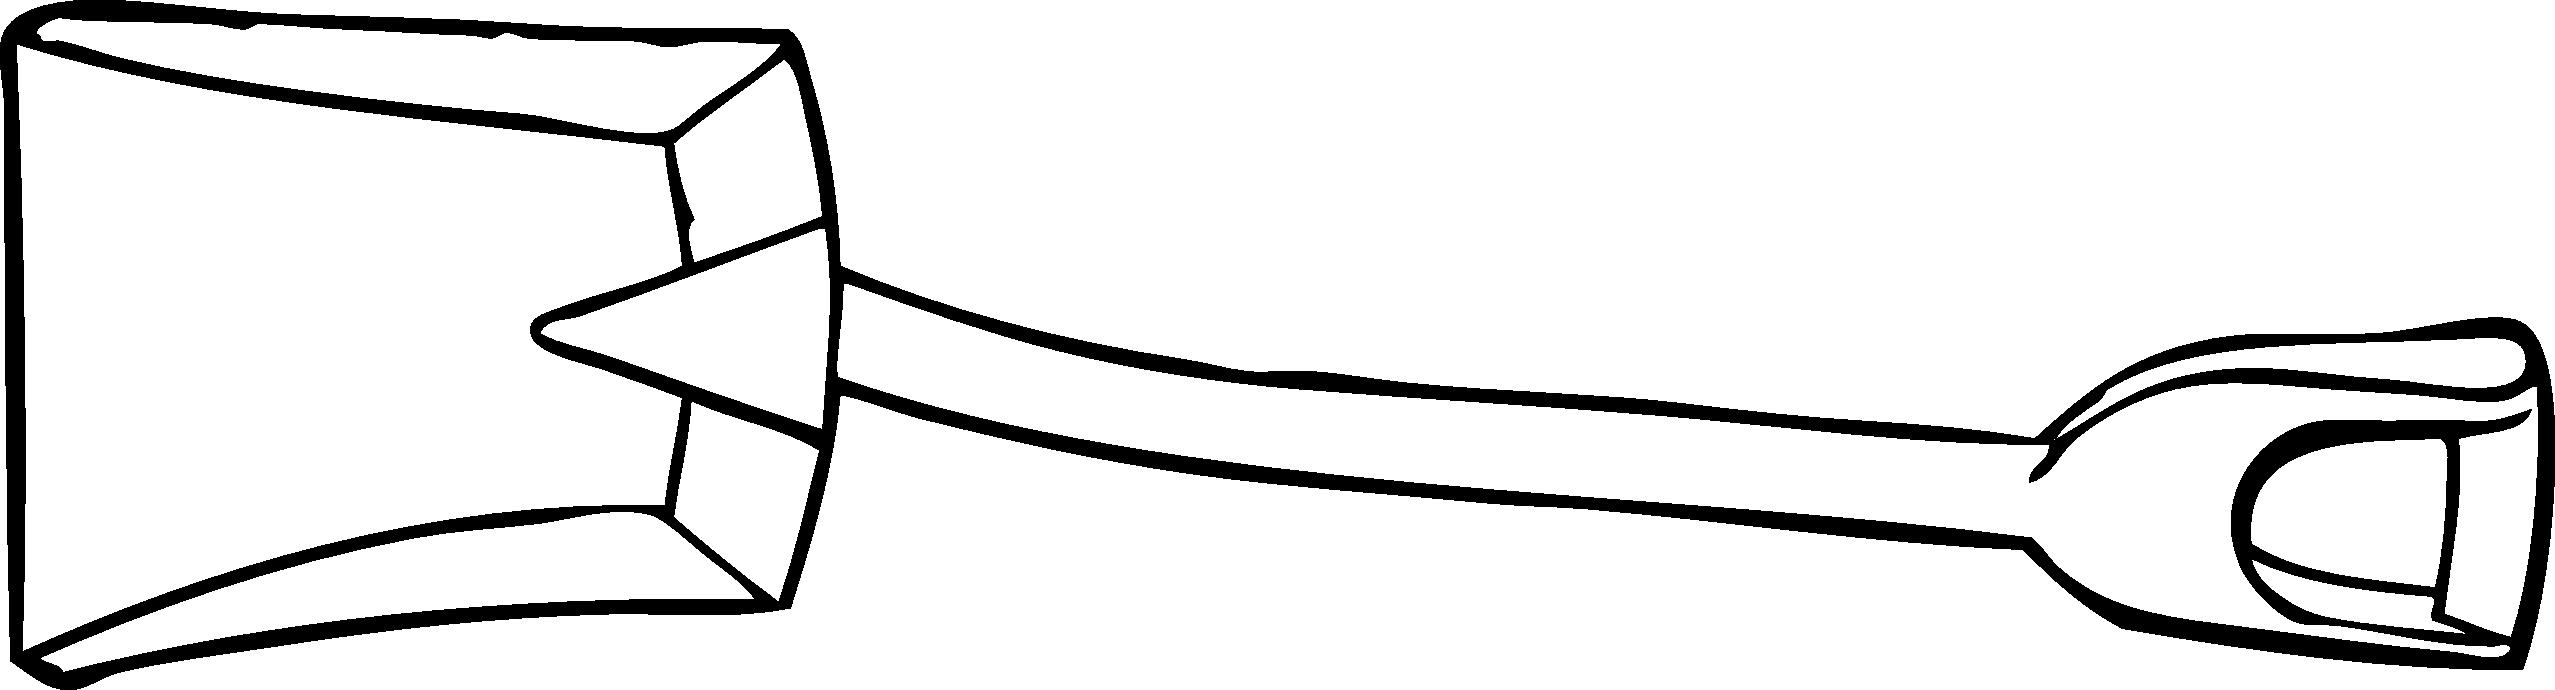 2555x690 Shovel Black And White Clipart